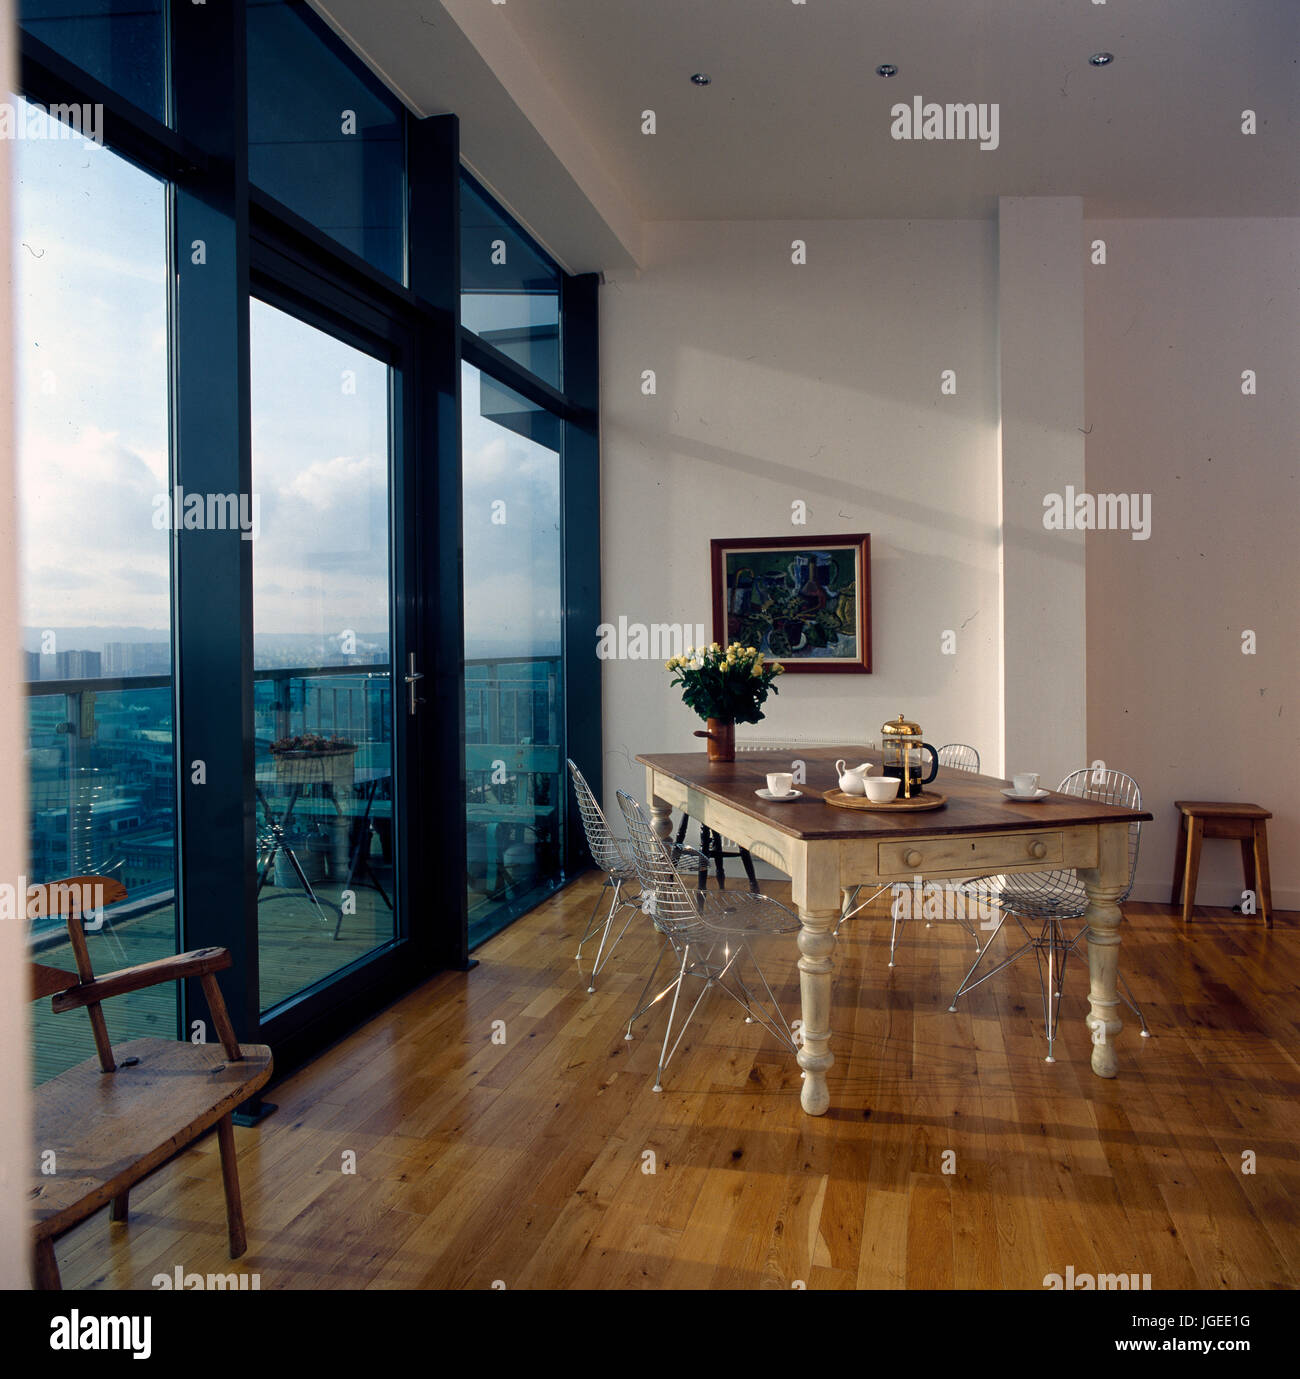 Awesome porte a vetro per balcone nella citt moderna di for Ville moderne con vetrate